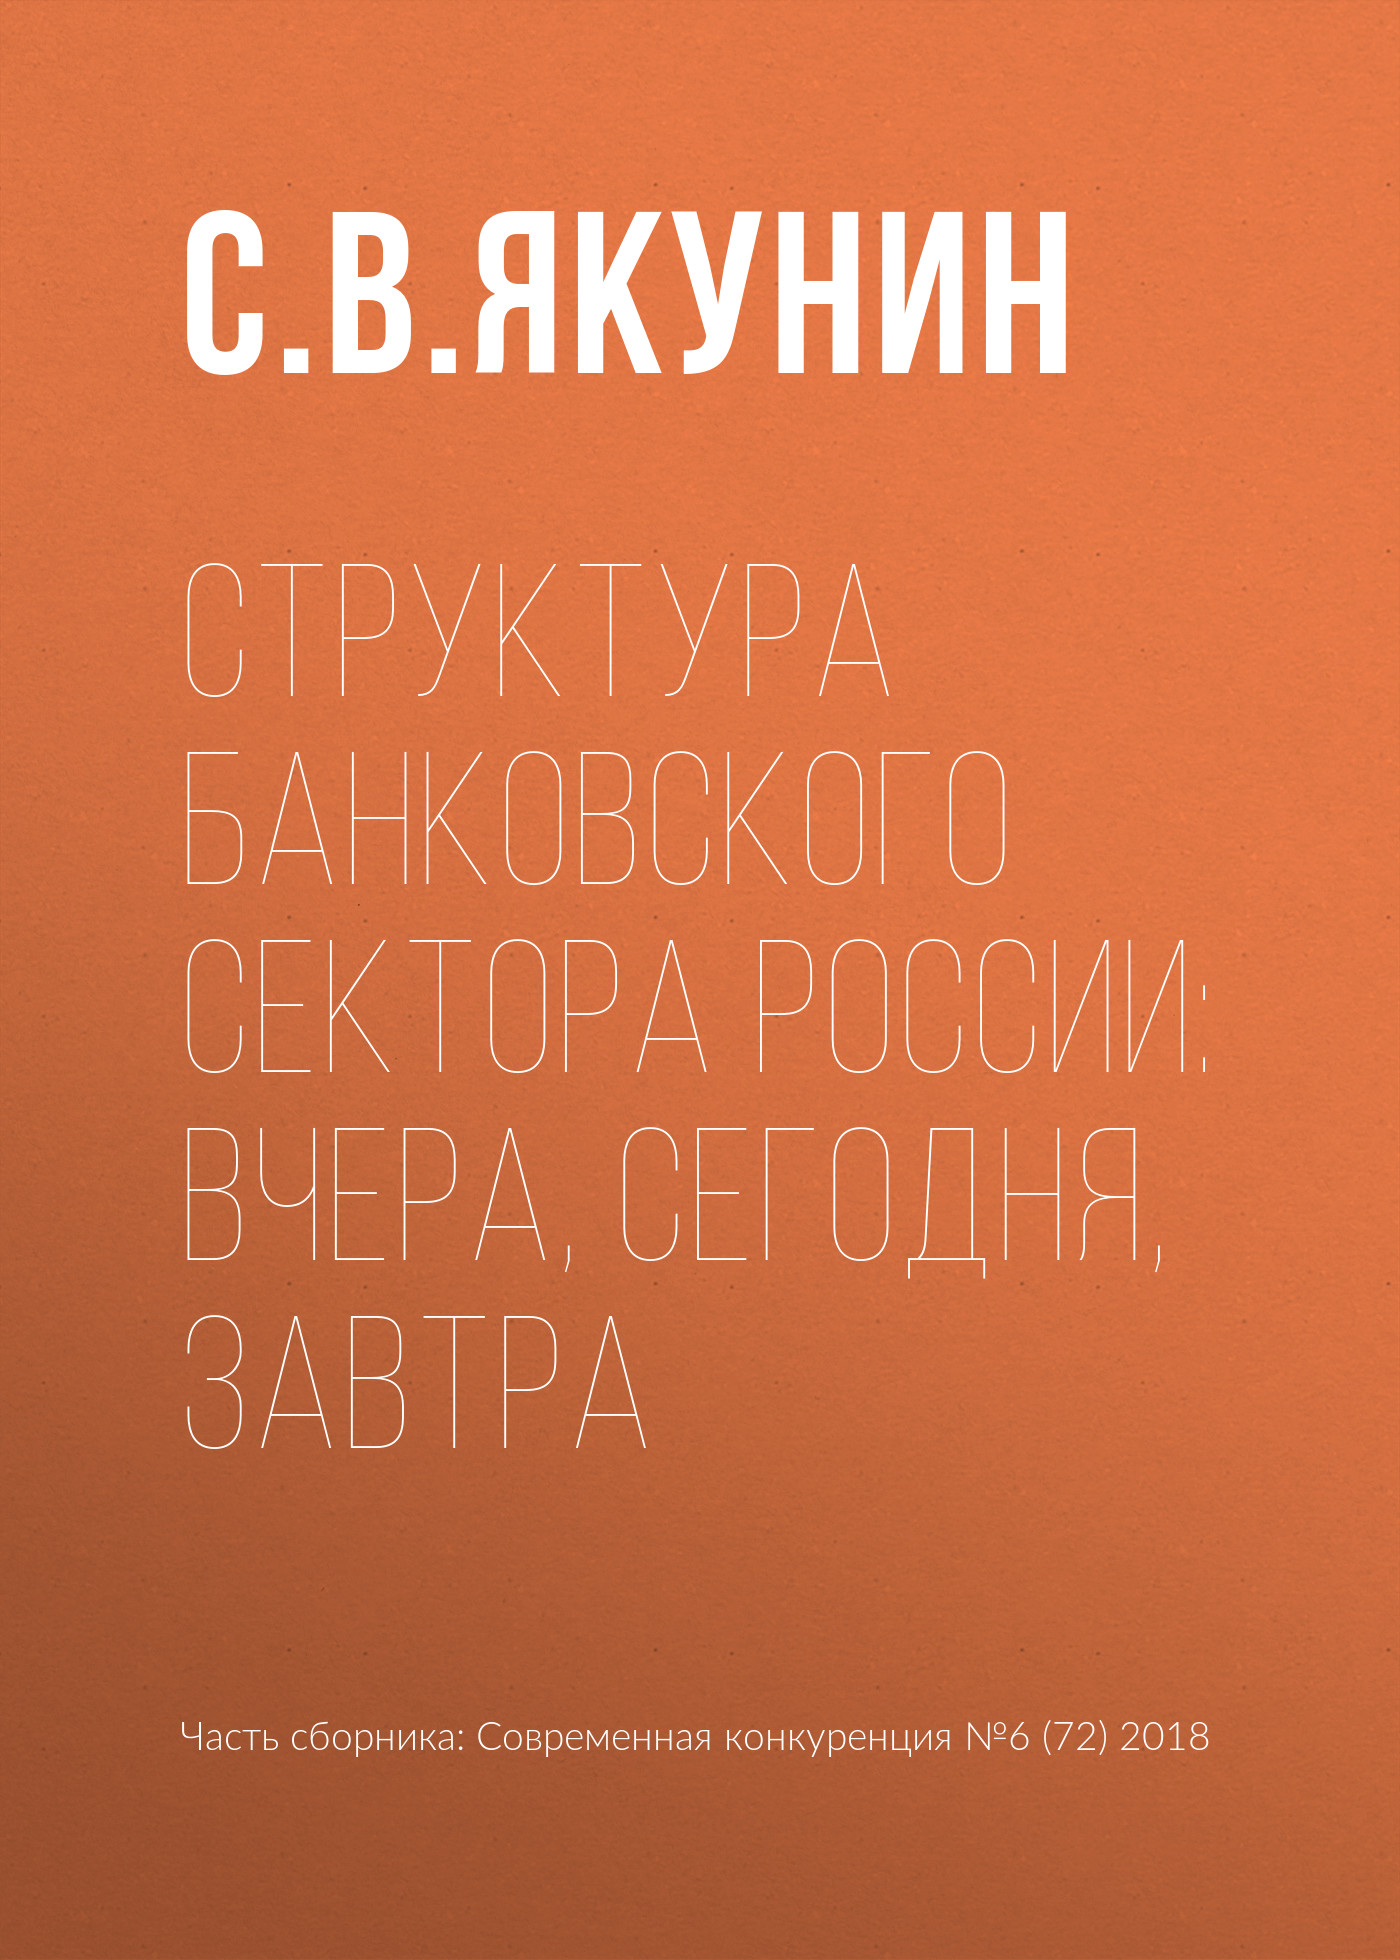 Структура банковского сектора России: вчера, сегодня, завтра ( С. В. Якунин  )